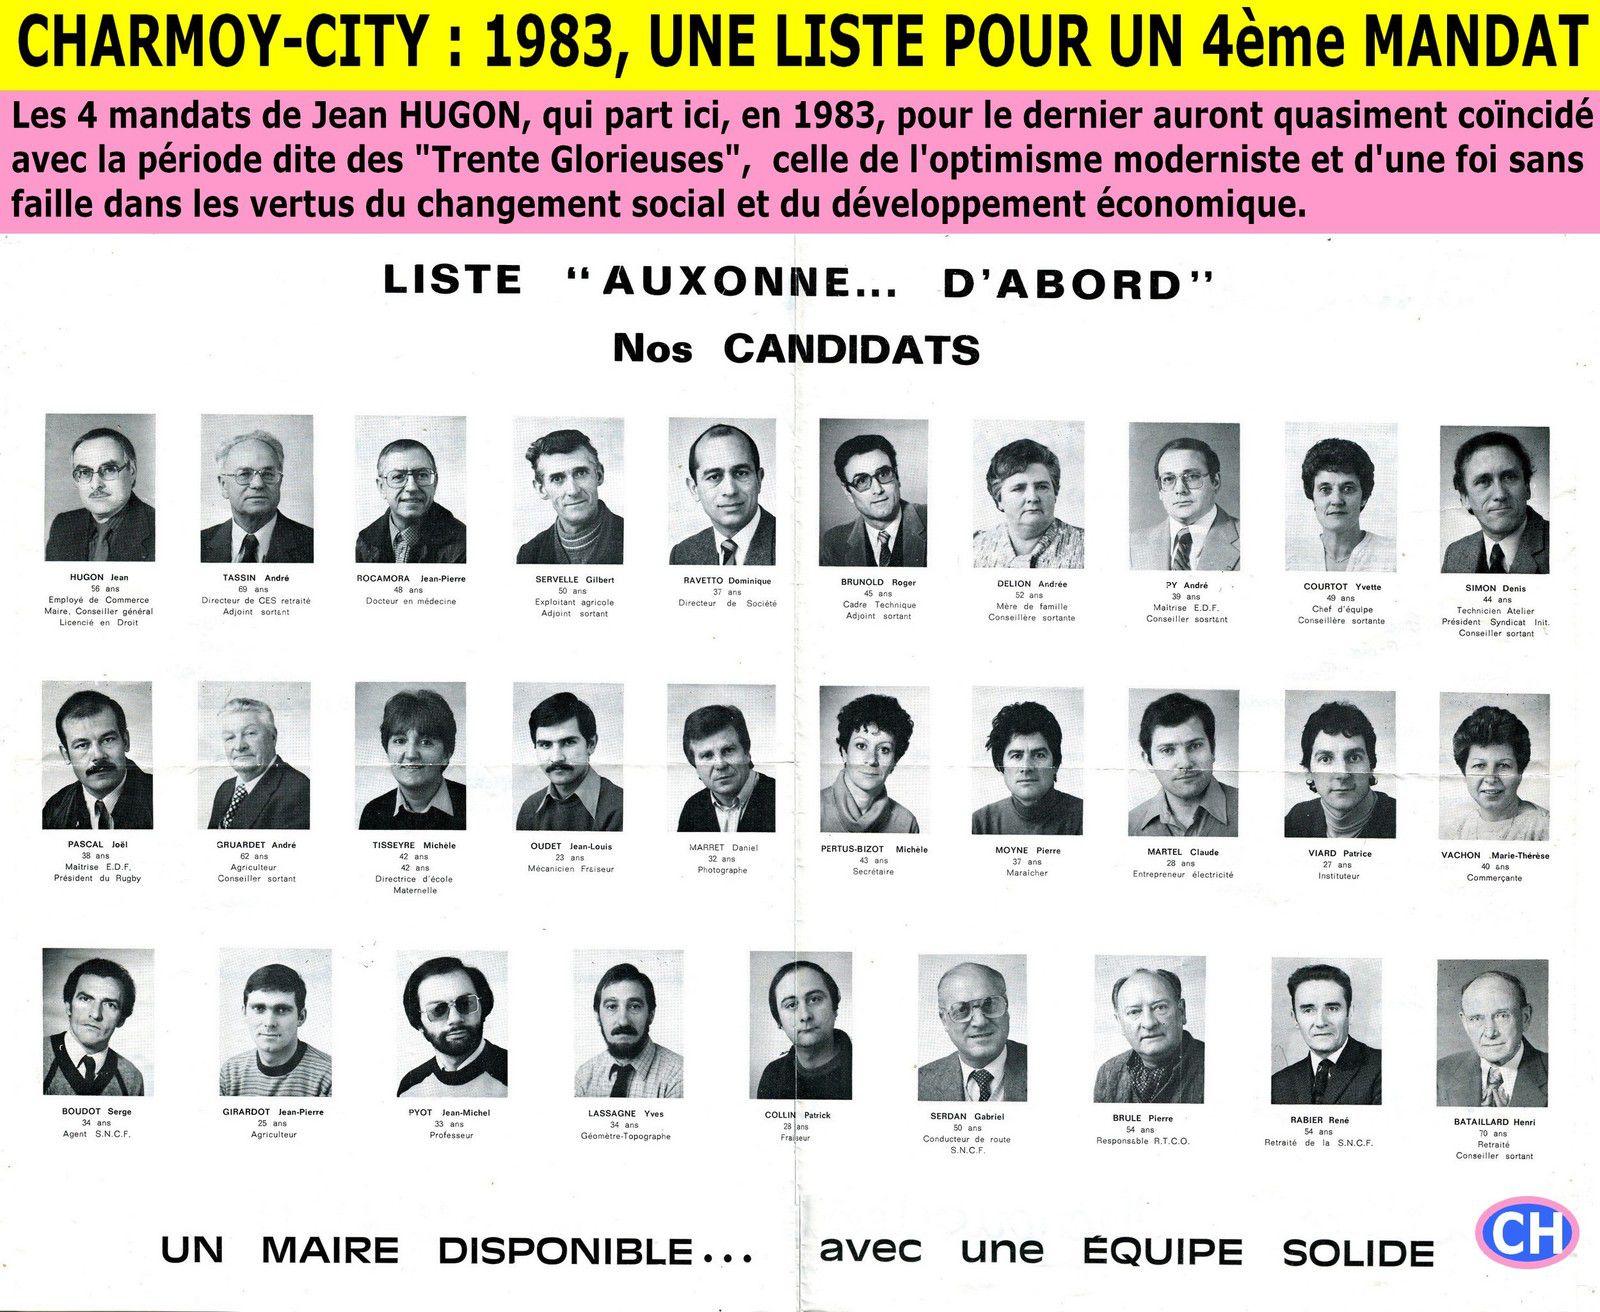 Charmoy-City, 1983, une liste pour un 4èmé mandat.jpg